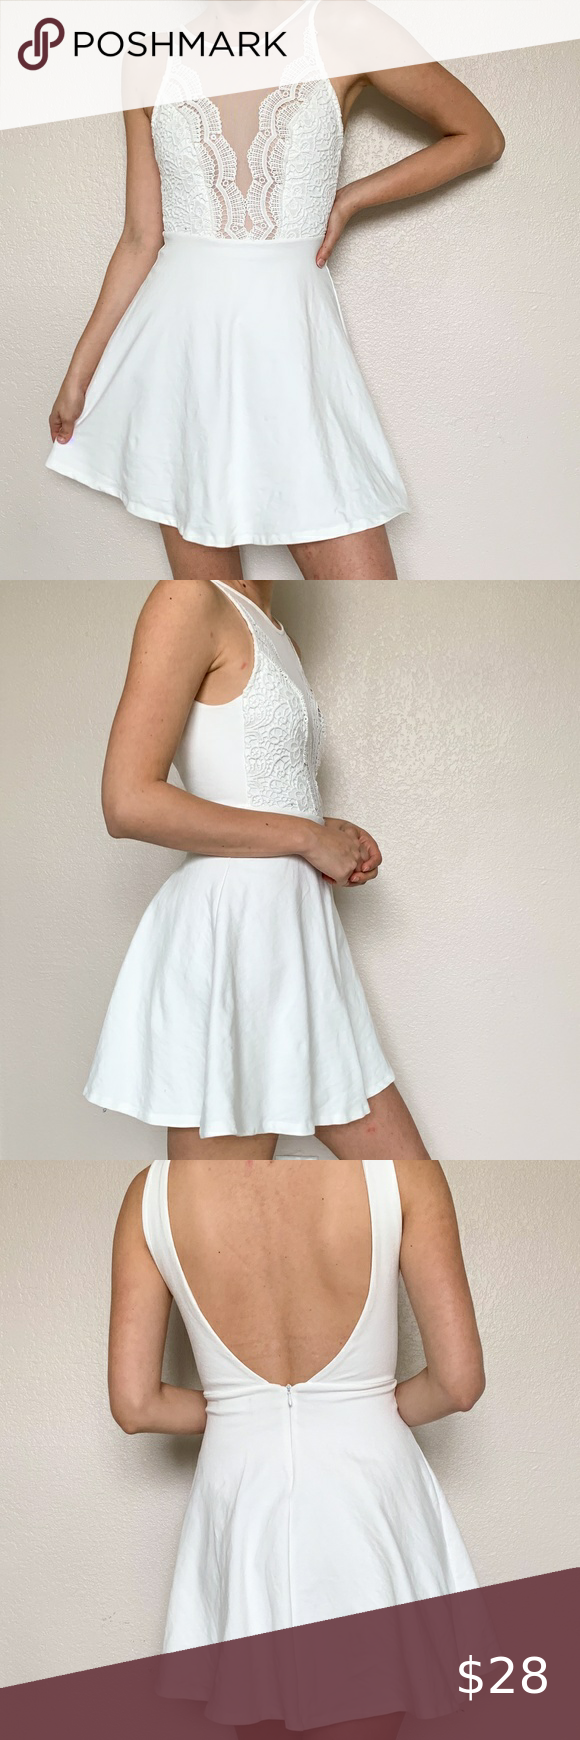 Lulu S White Lace Mesh Skater Mini Dress Xs White Lace Skater Dress By Lulu S Sheer Mesh Accents T White Lace Skater Dress Mesh Skater Dress Mini Skater Dress [ 1740 x 580 Pixel ]